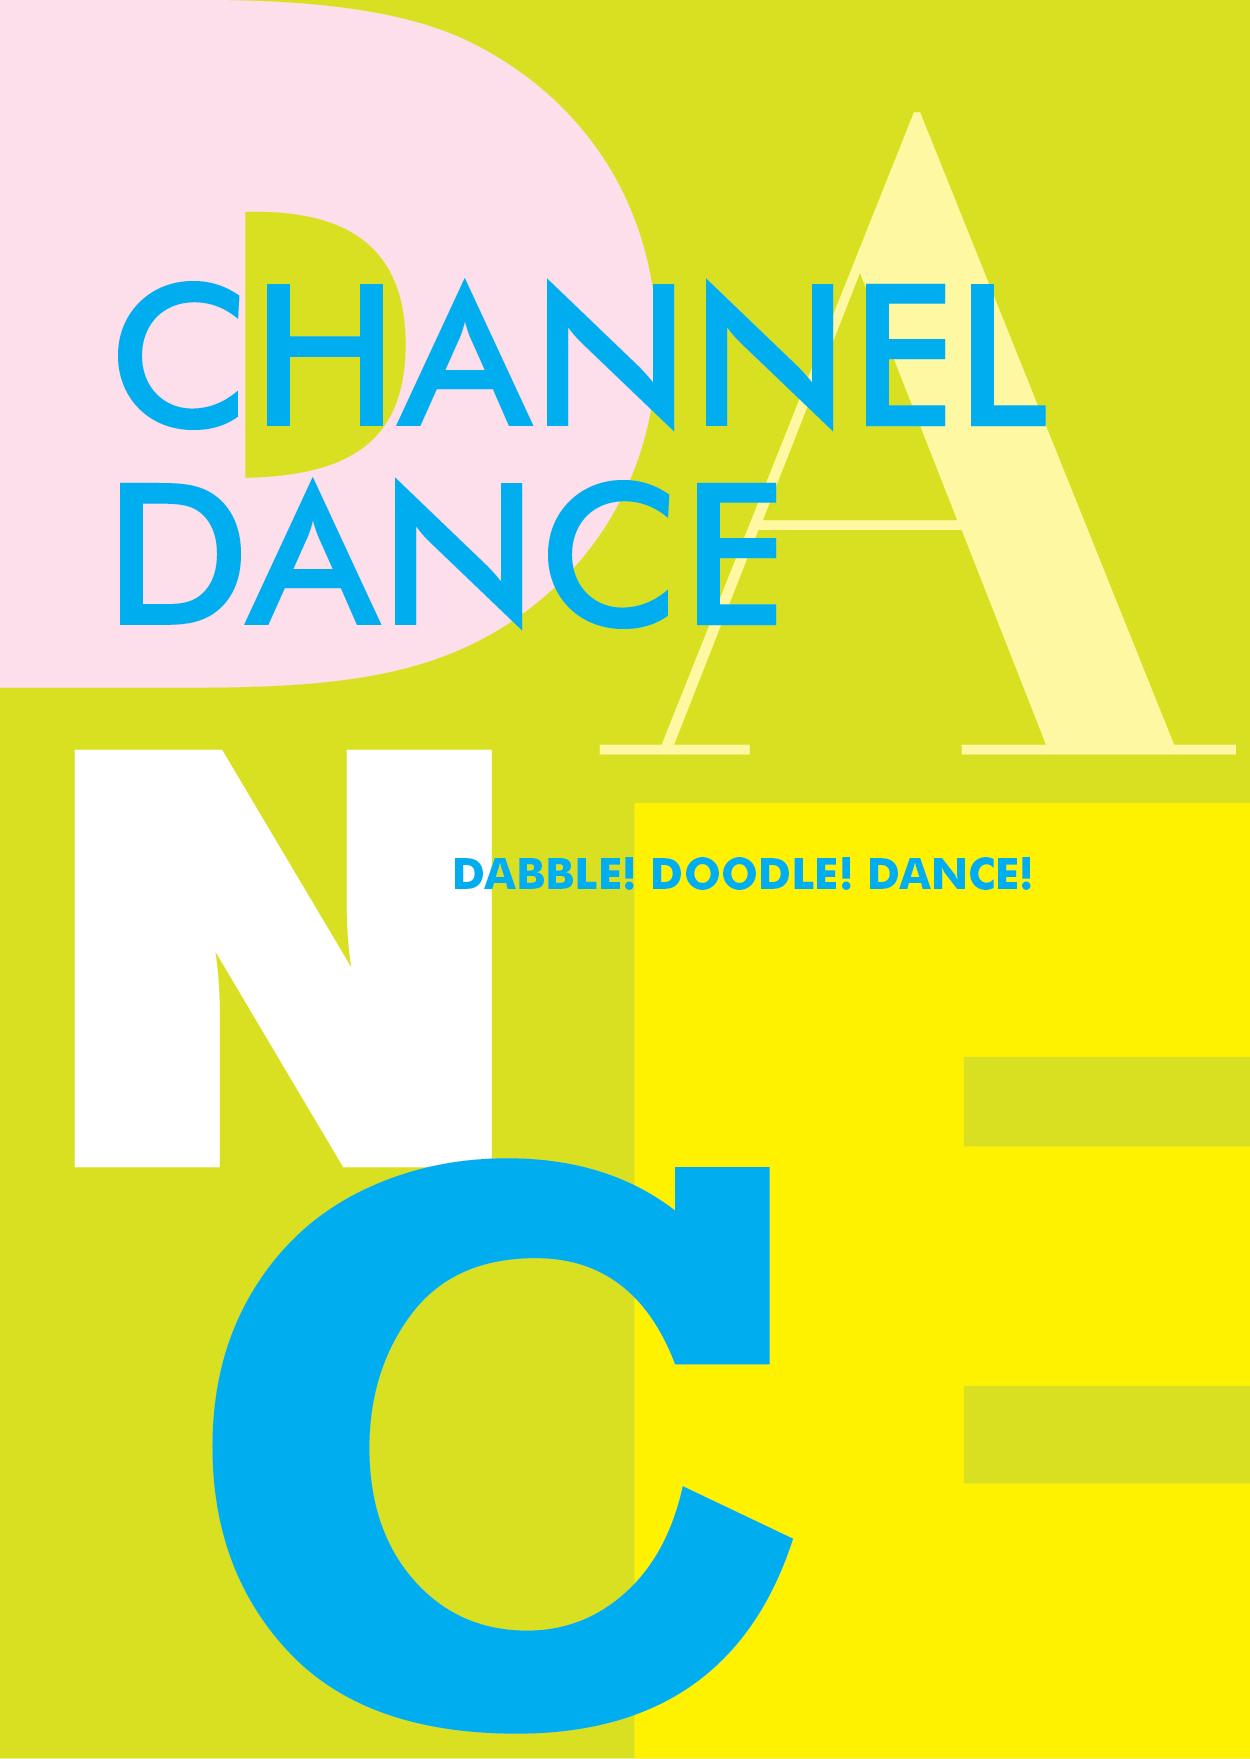 Channel Dance_Web_300x422.jpg